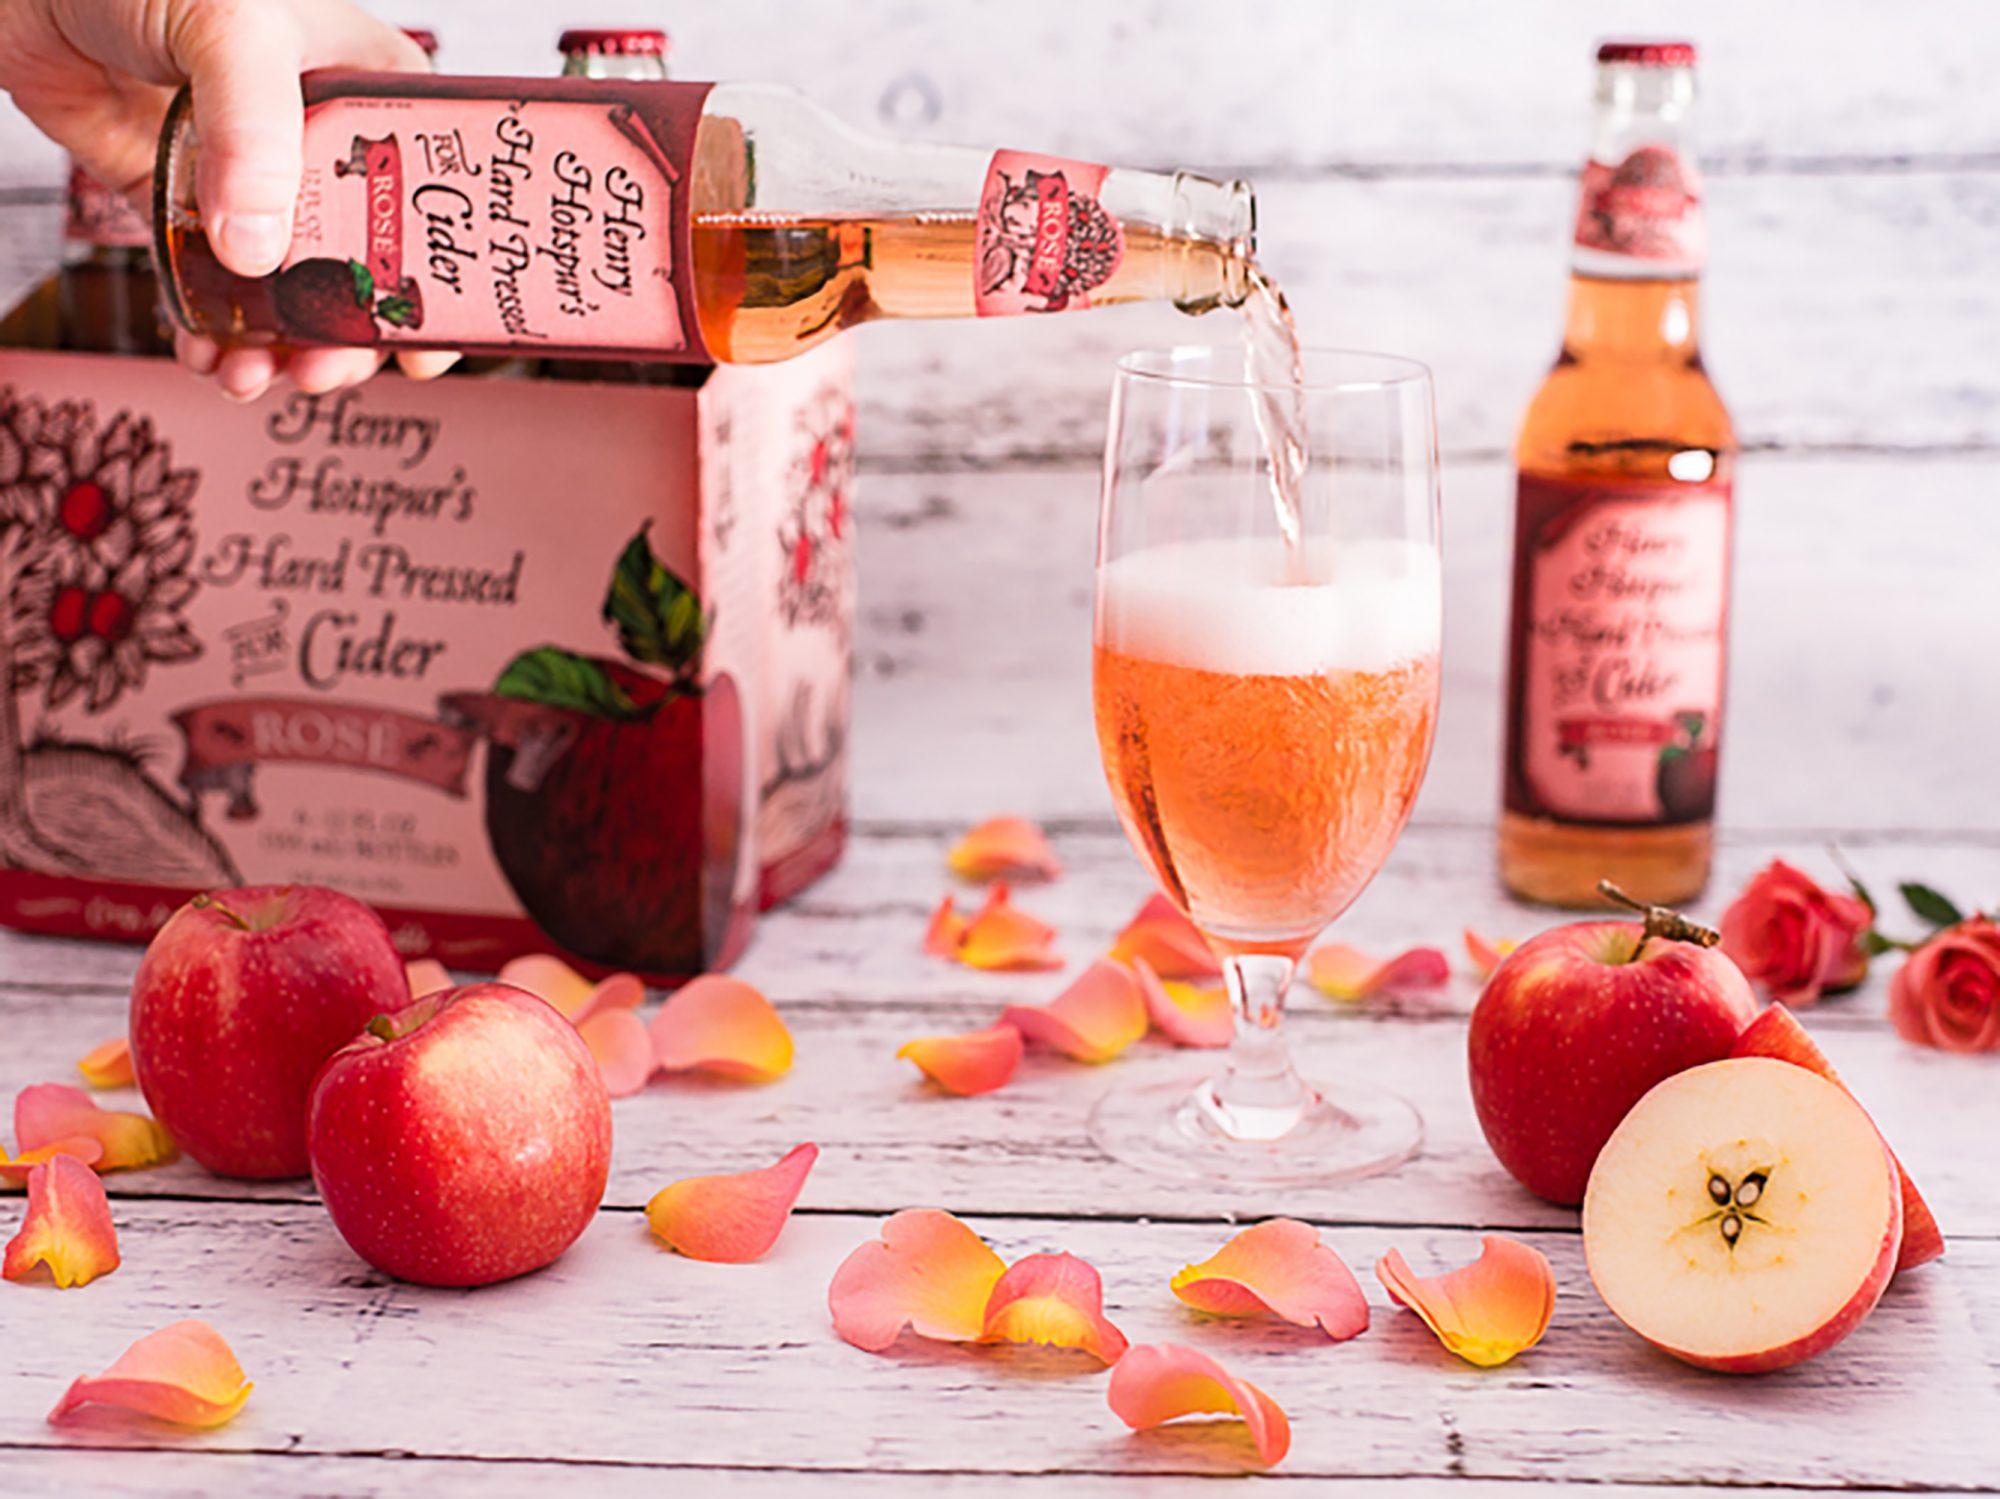 Trader Joe's Henry Hotspur's Hard-Pressed for Rosé Cider